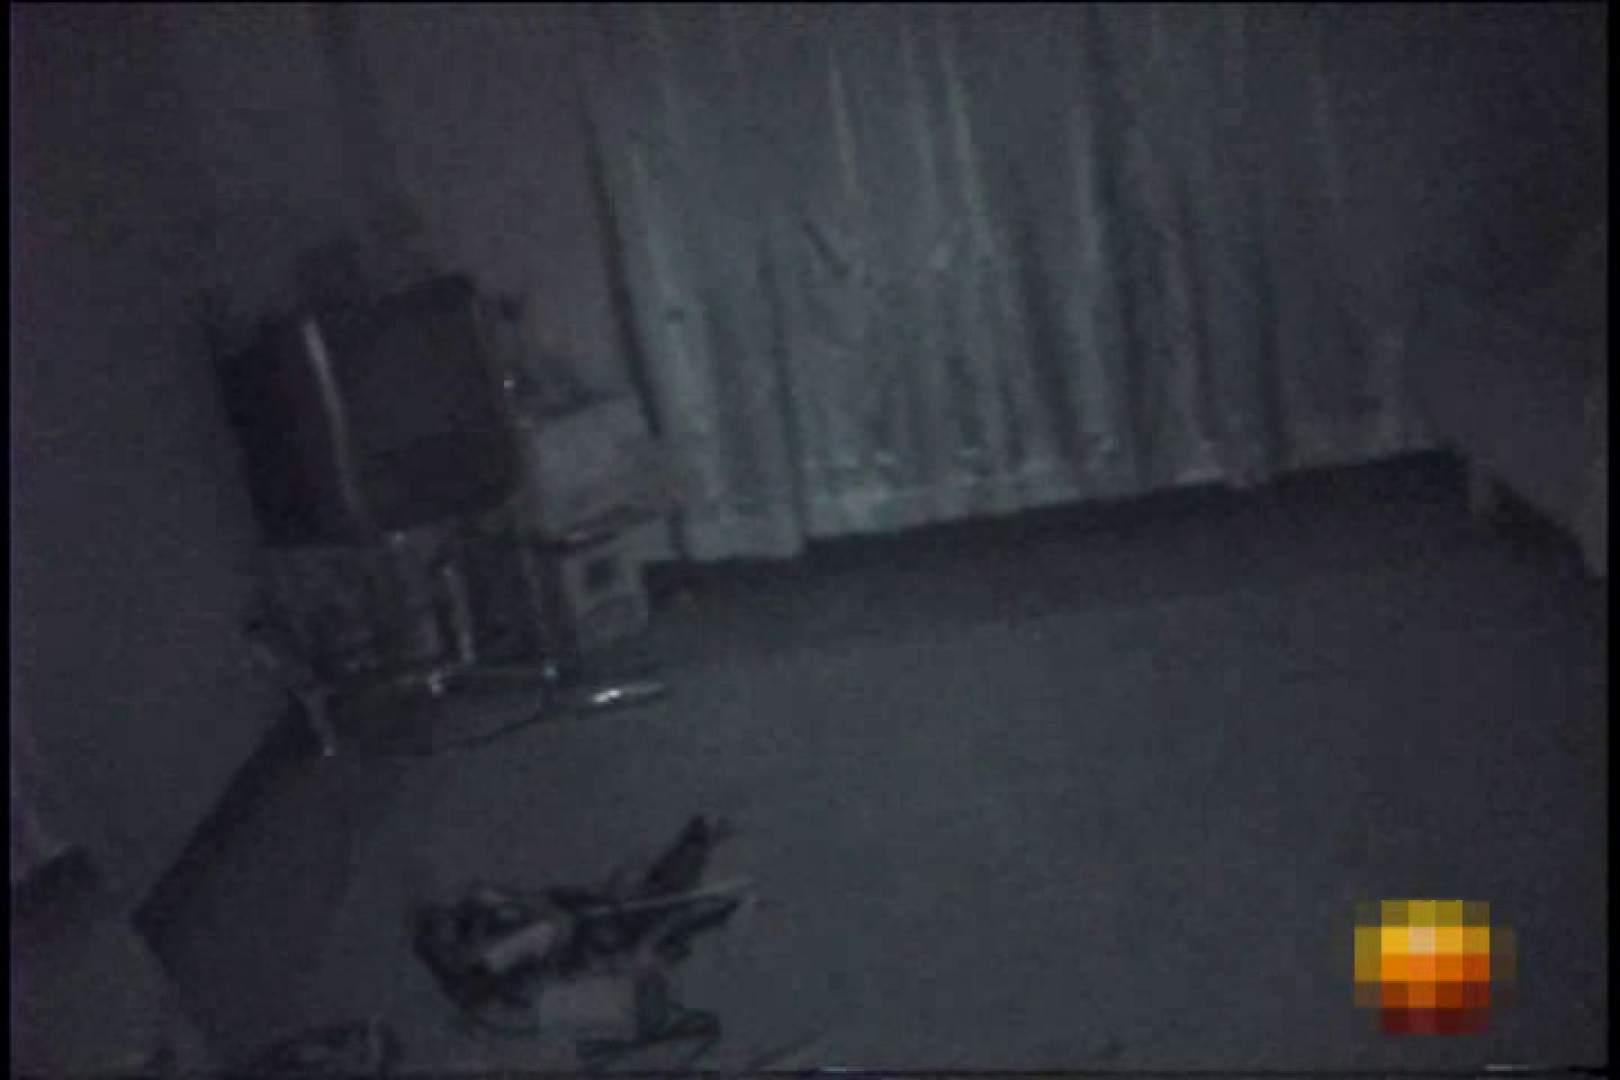 暗躍する夜這い師達Vol.3 エロティックなOL  64画像 50